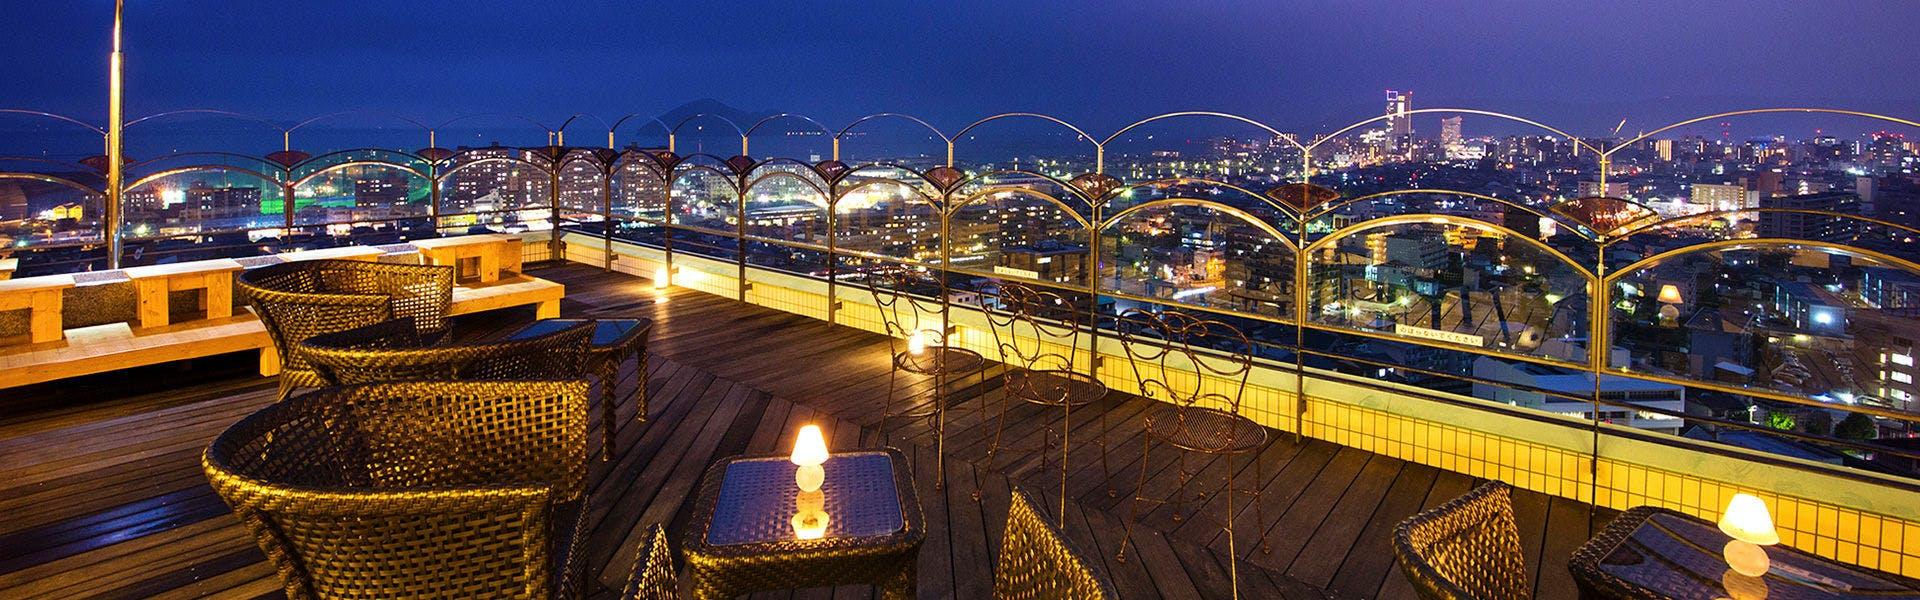 記念日におすすめのホテル・夕凪の湯HOTEL花樹海の写真2